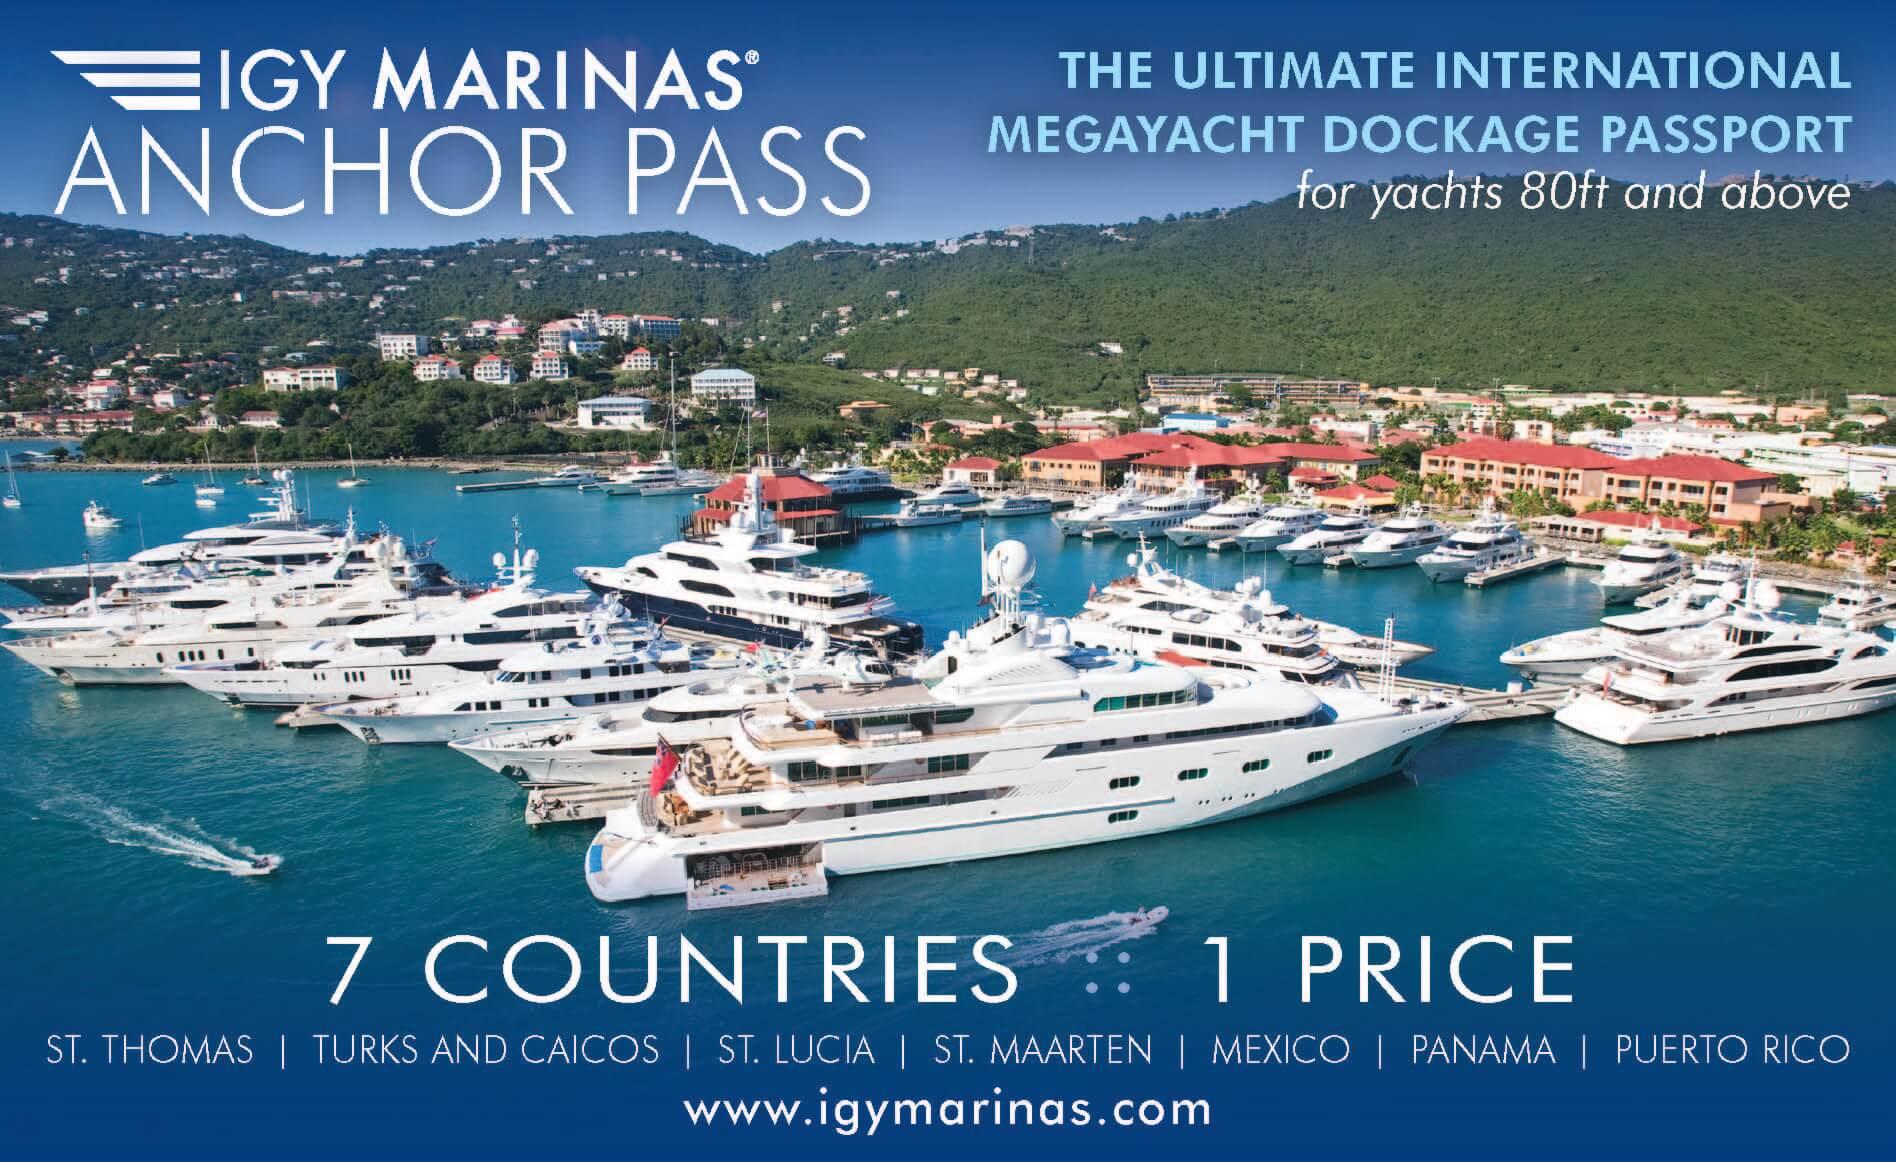 IGY Marina's Yacht Club at Isle de Sol, St Maarten